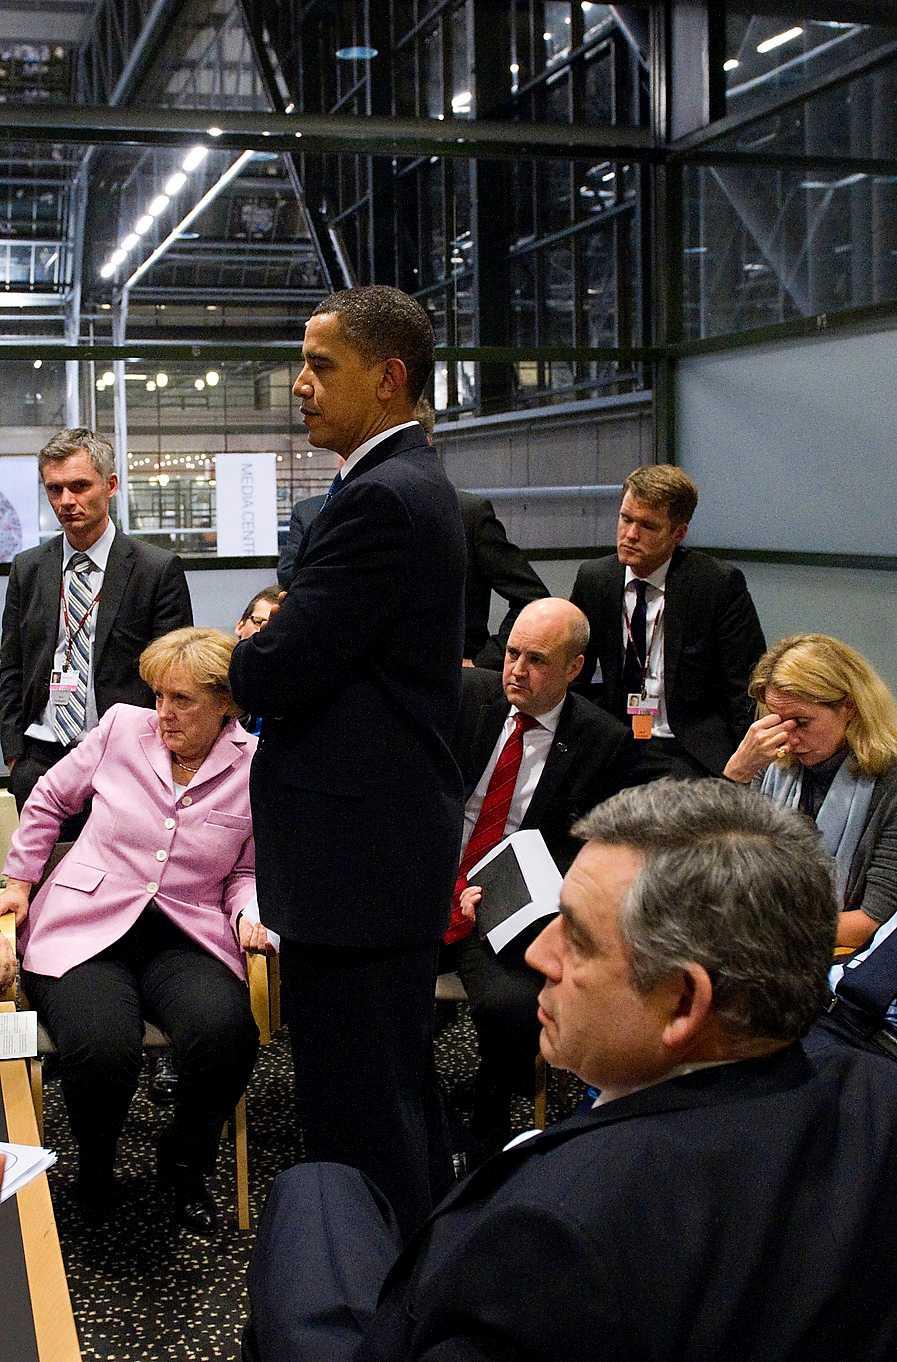 Uppgivet för fem år sen Klimatmötet i Köpenhamn blev ett fiasko. Merkel, Obama, Reinfeldt och de andra lyckades inte i förhandlingarna. Den här gången är förutsättningarna bättre.